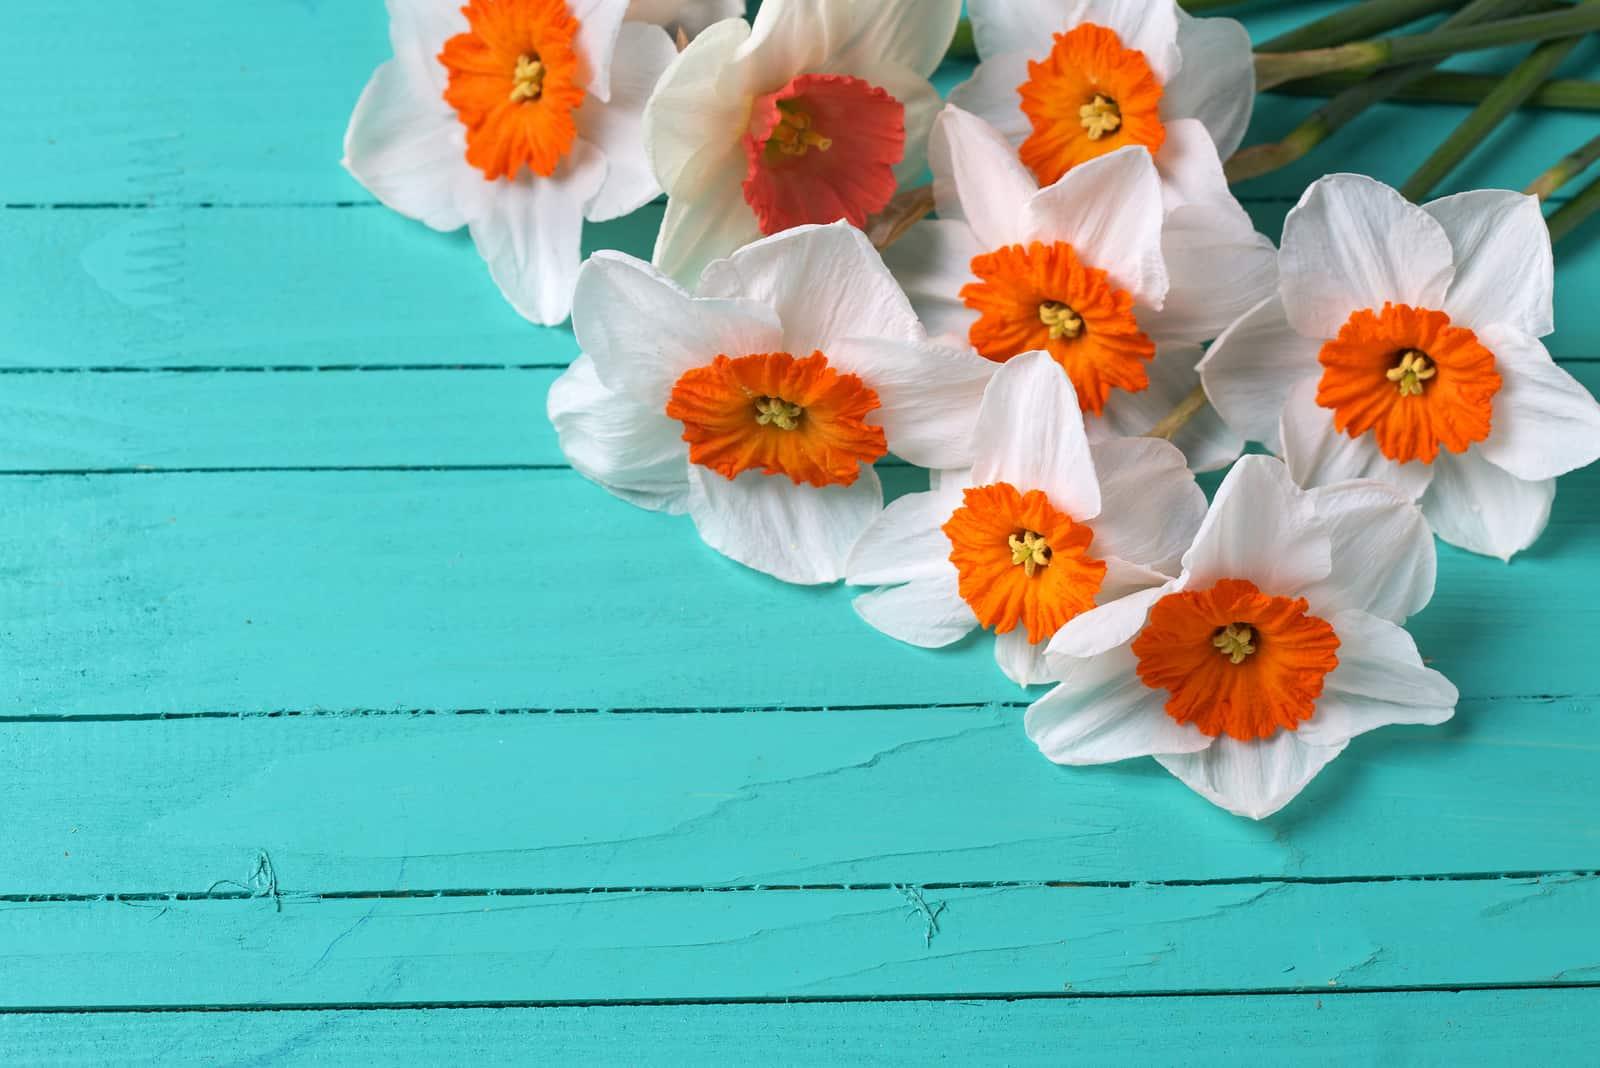 leuchtend orange Narzissenblüten auf türkis lackierten Holzbrettern